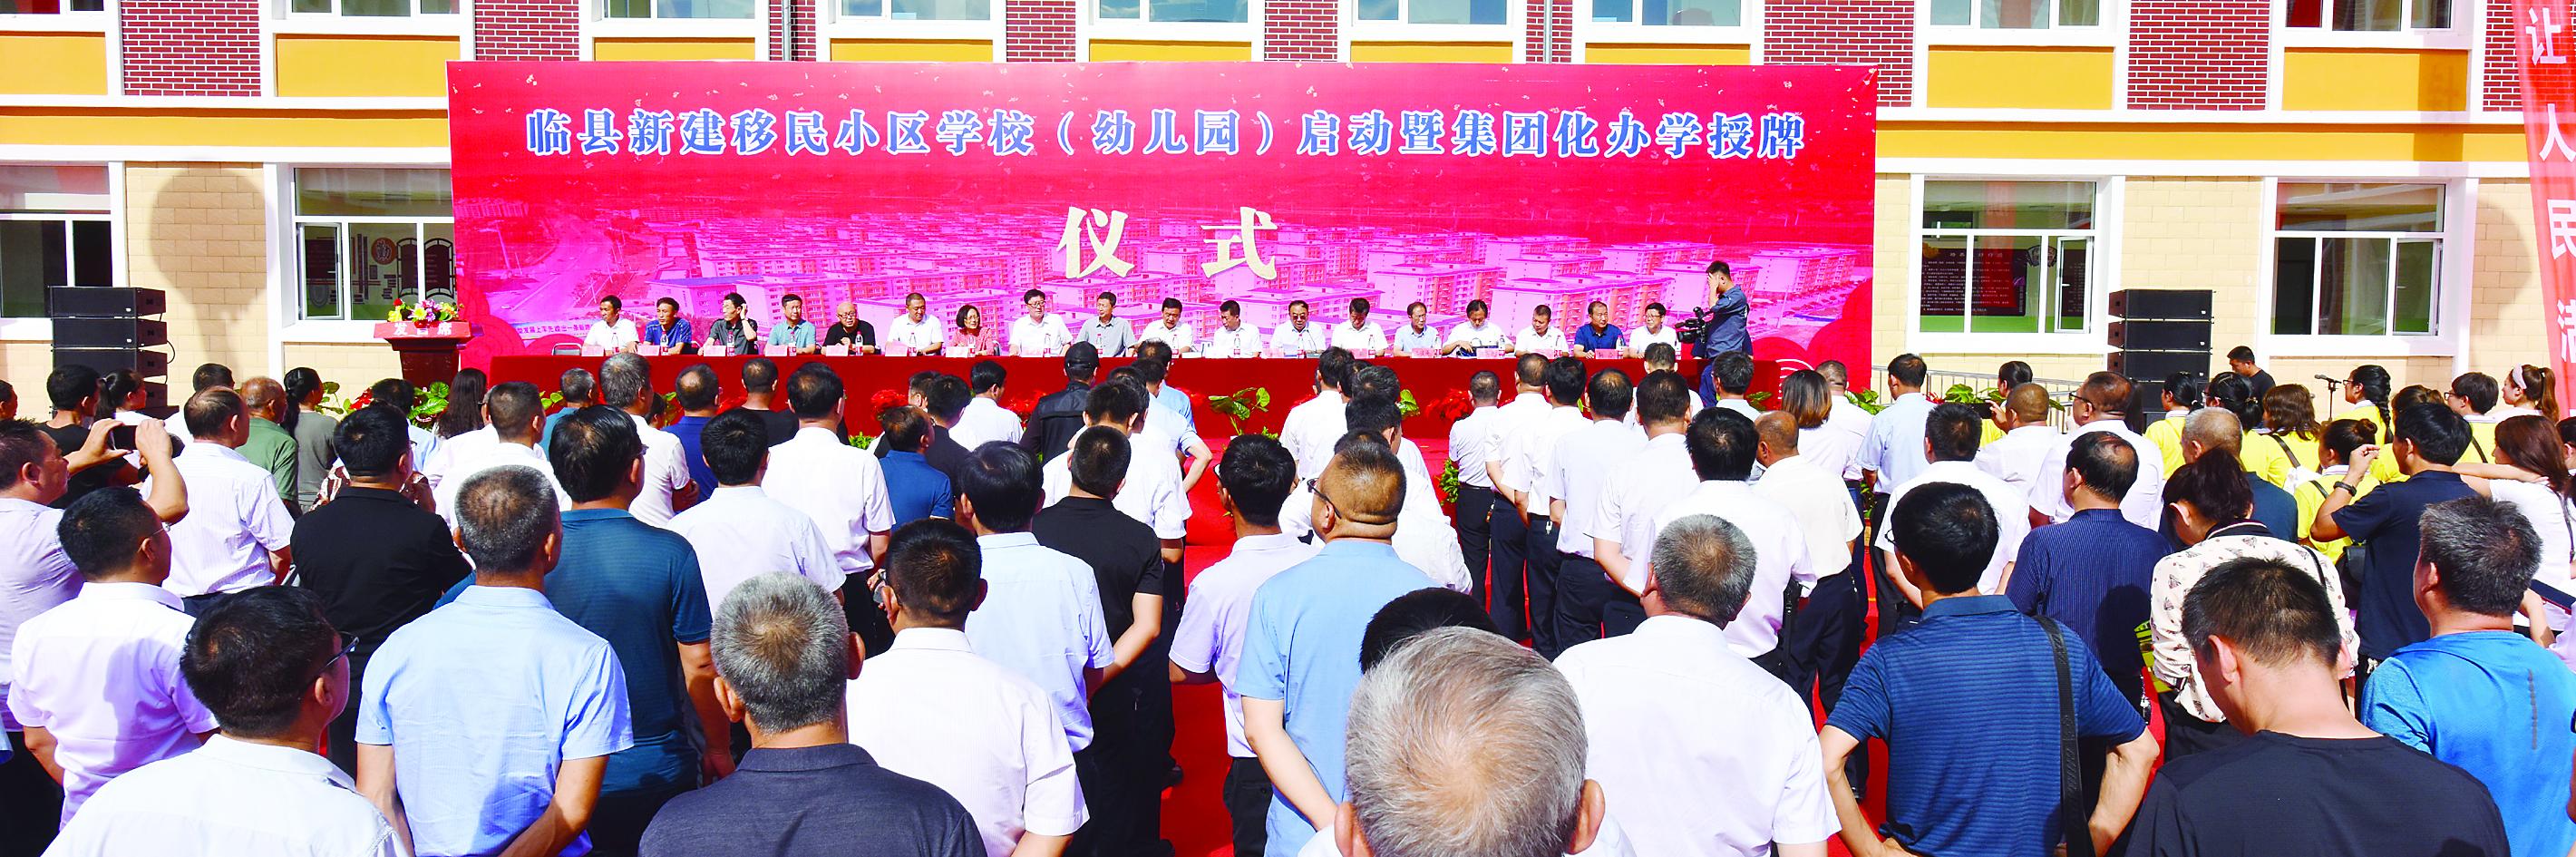 临县举行新建移民小区学校(幼儿园)启动暨集团化办学授牌仪式